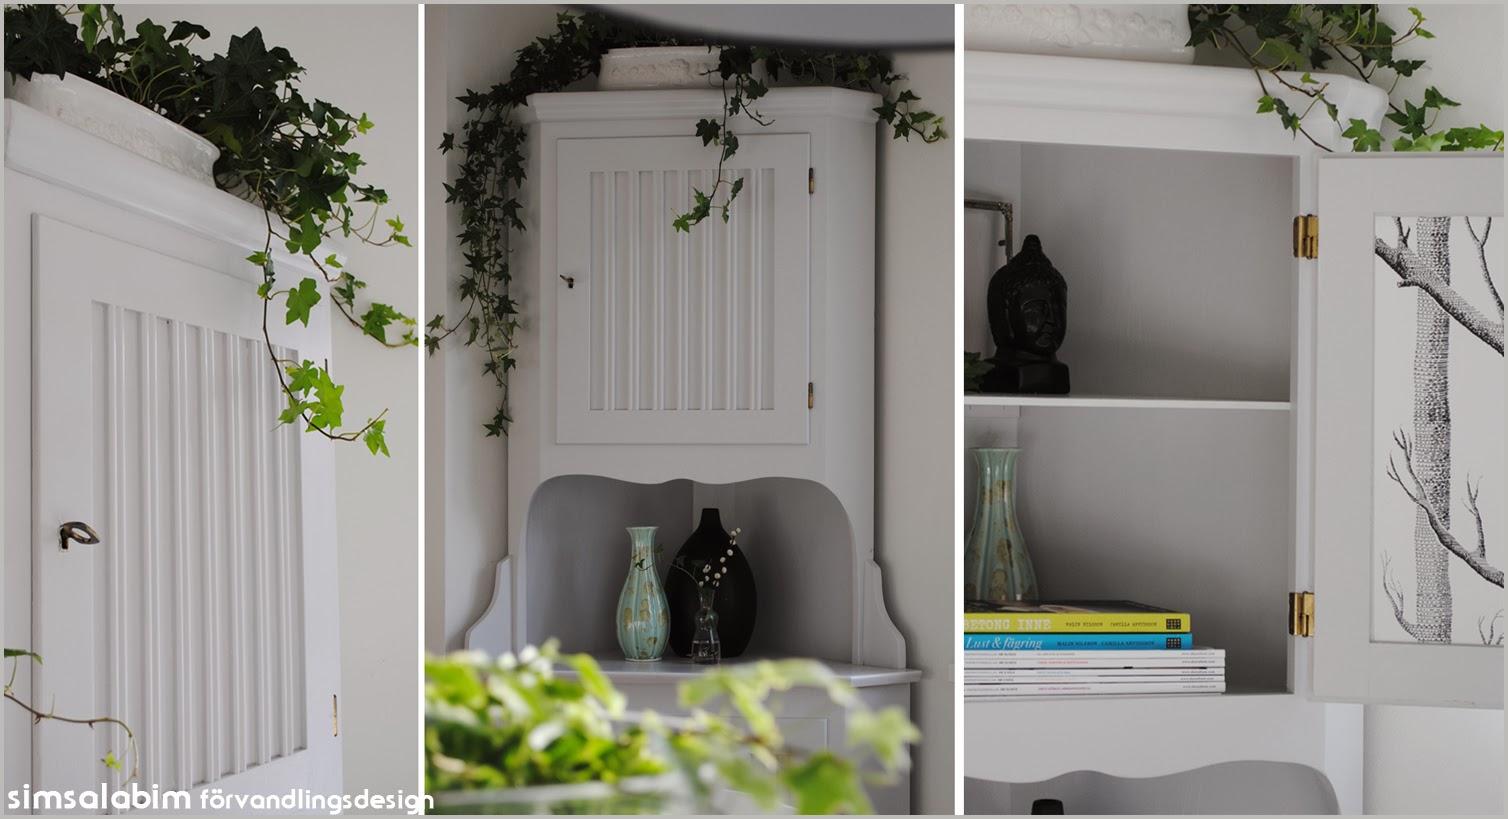 HörnskÃ¥p i mitt hjärta | Simsalabim Förvandlingsdesign : fototapet dörr : Inredning